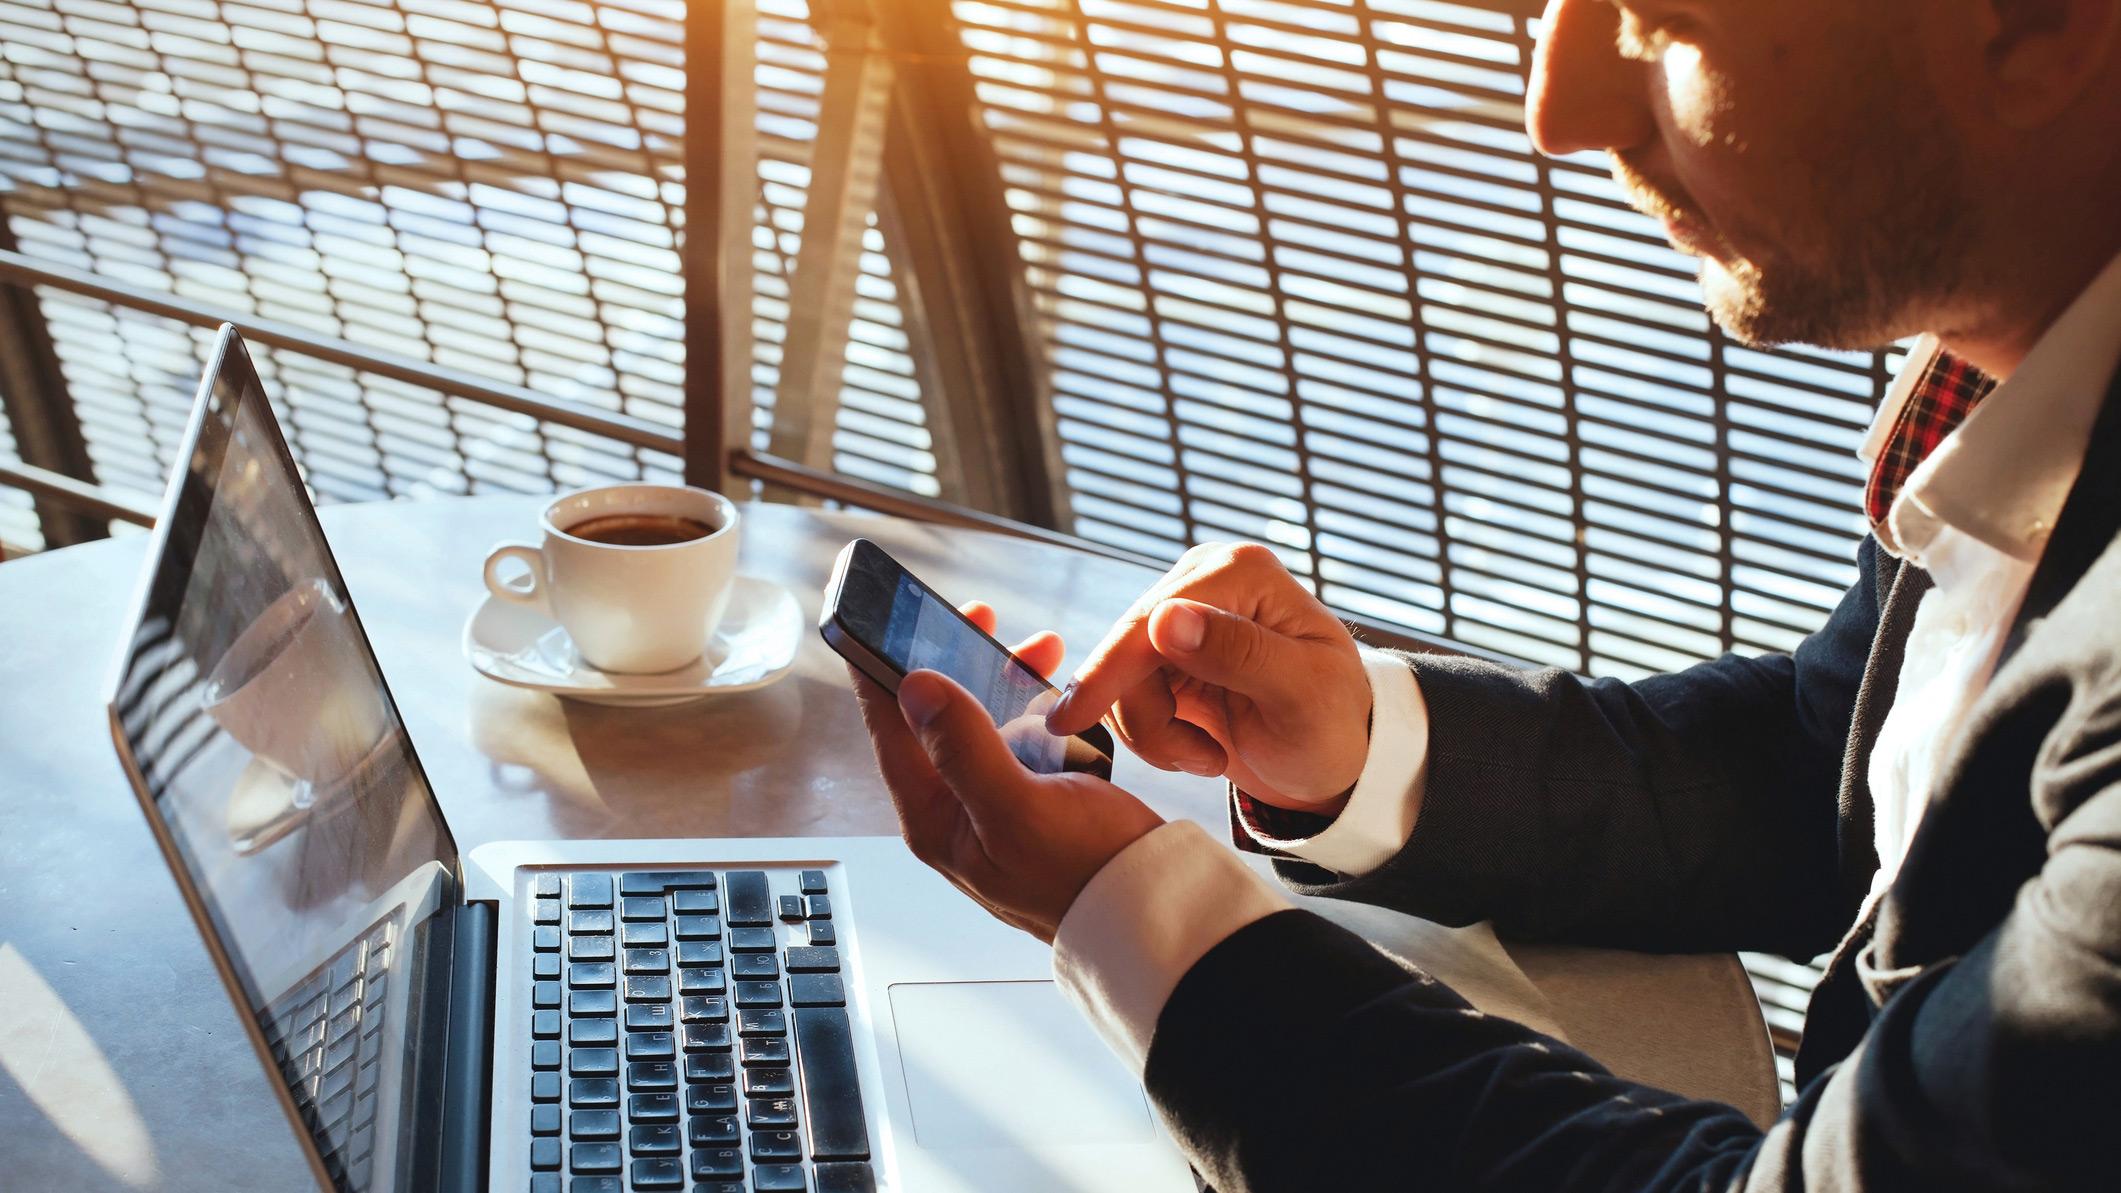 Office-Apps: Mit diesen Programmen bekommen Sie Word & Co. aufs Smartphone